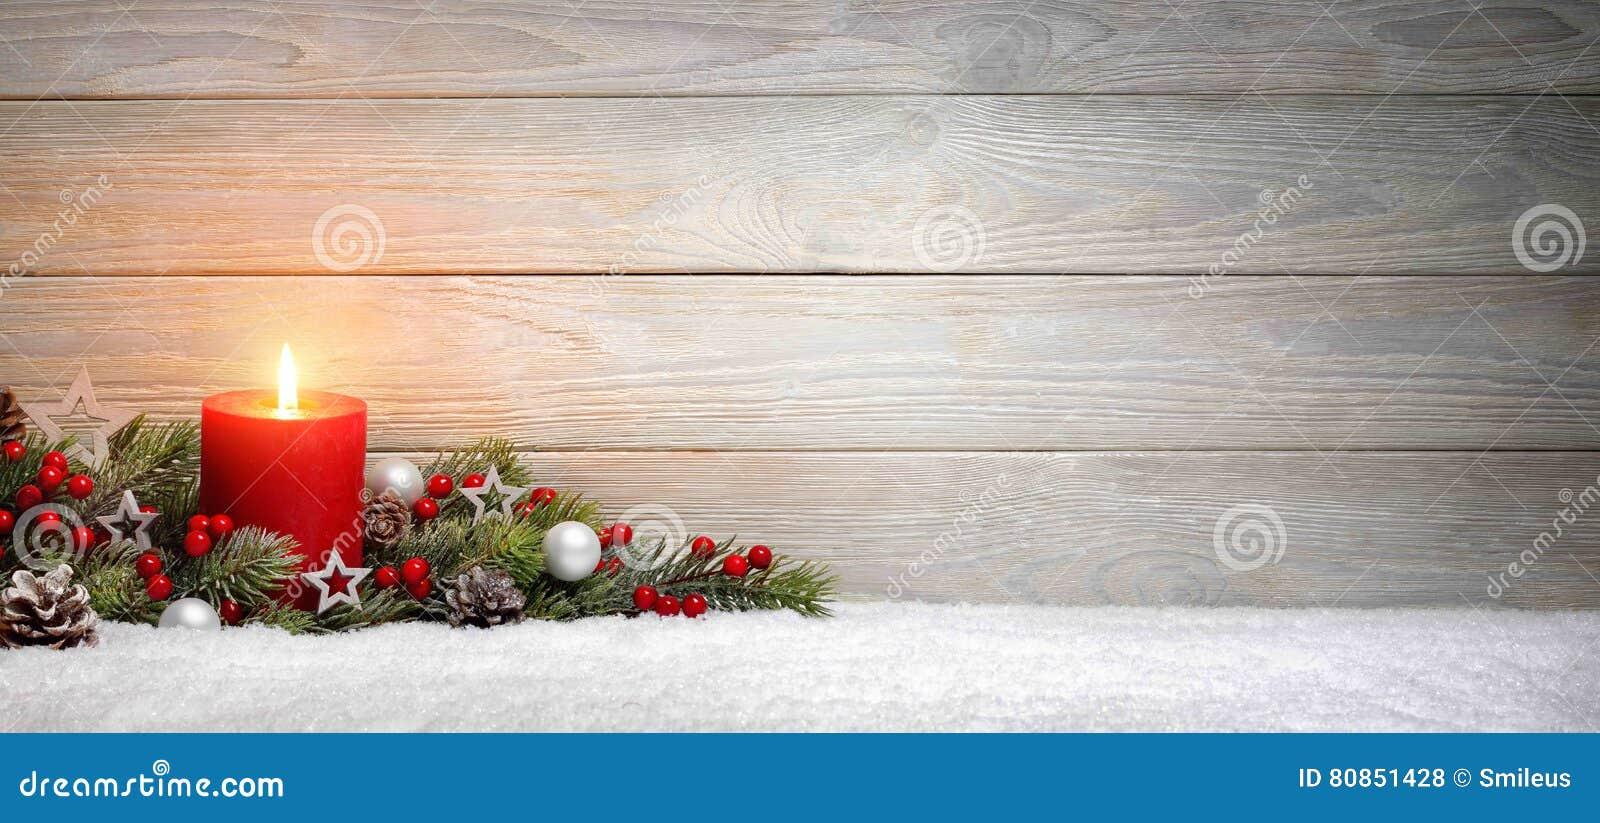 Wood bakgrund för jul eller för Advent med en stearinljus